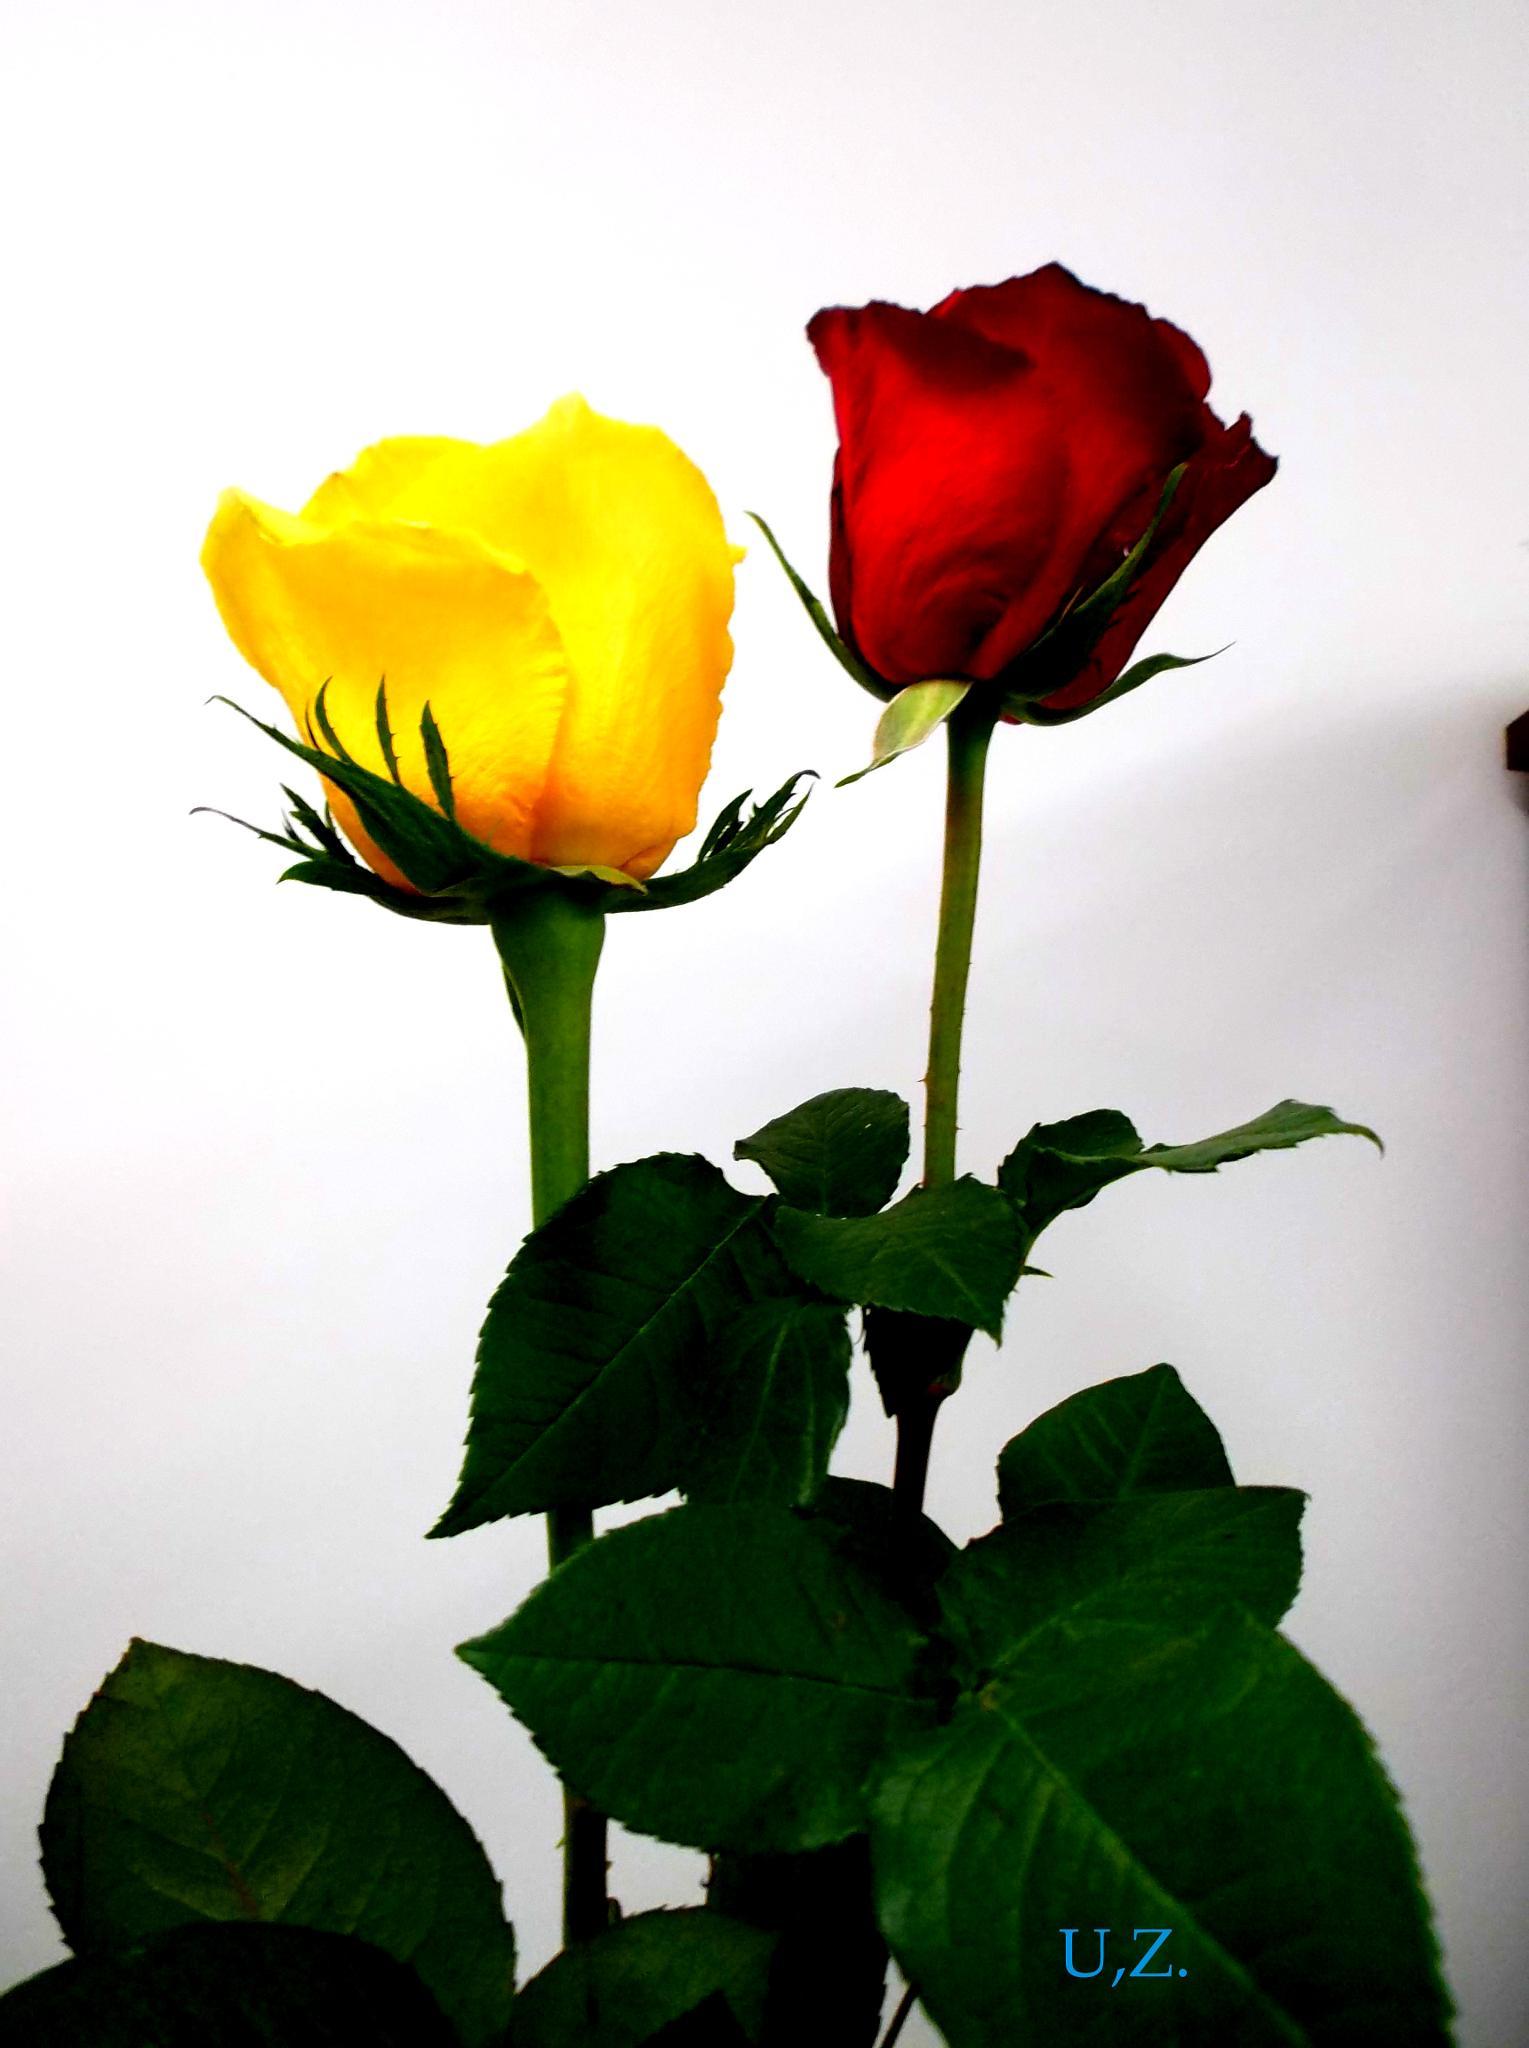 Two roses by Zita Užkuraitienė